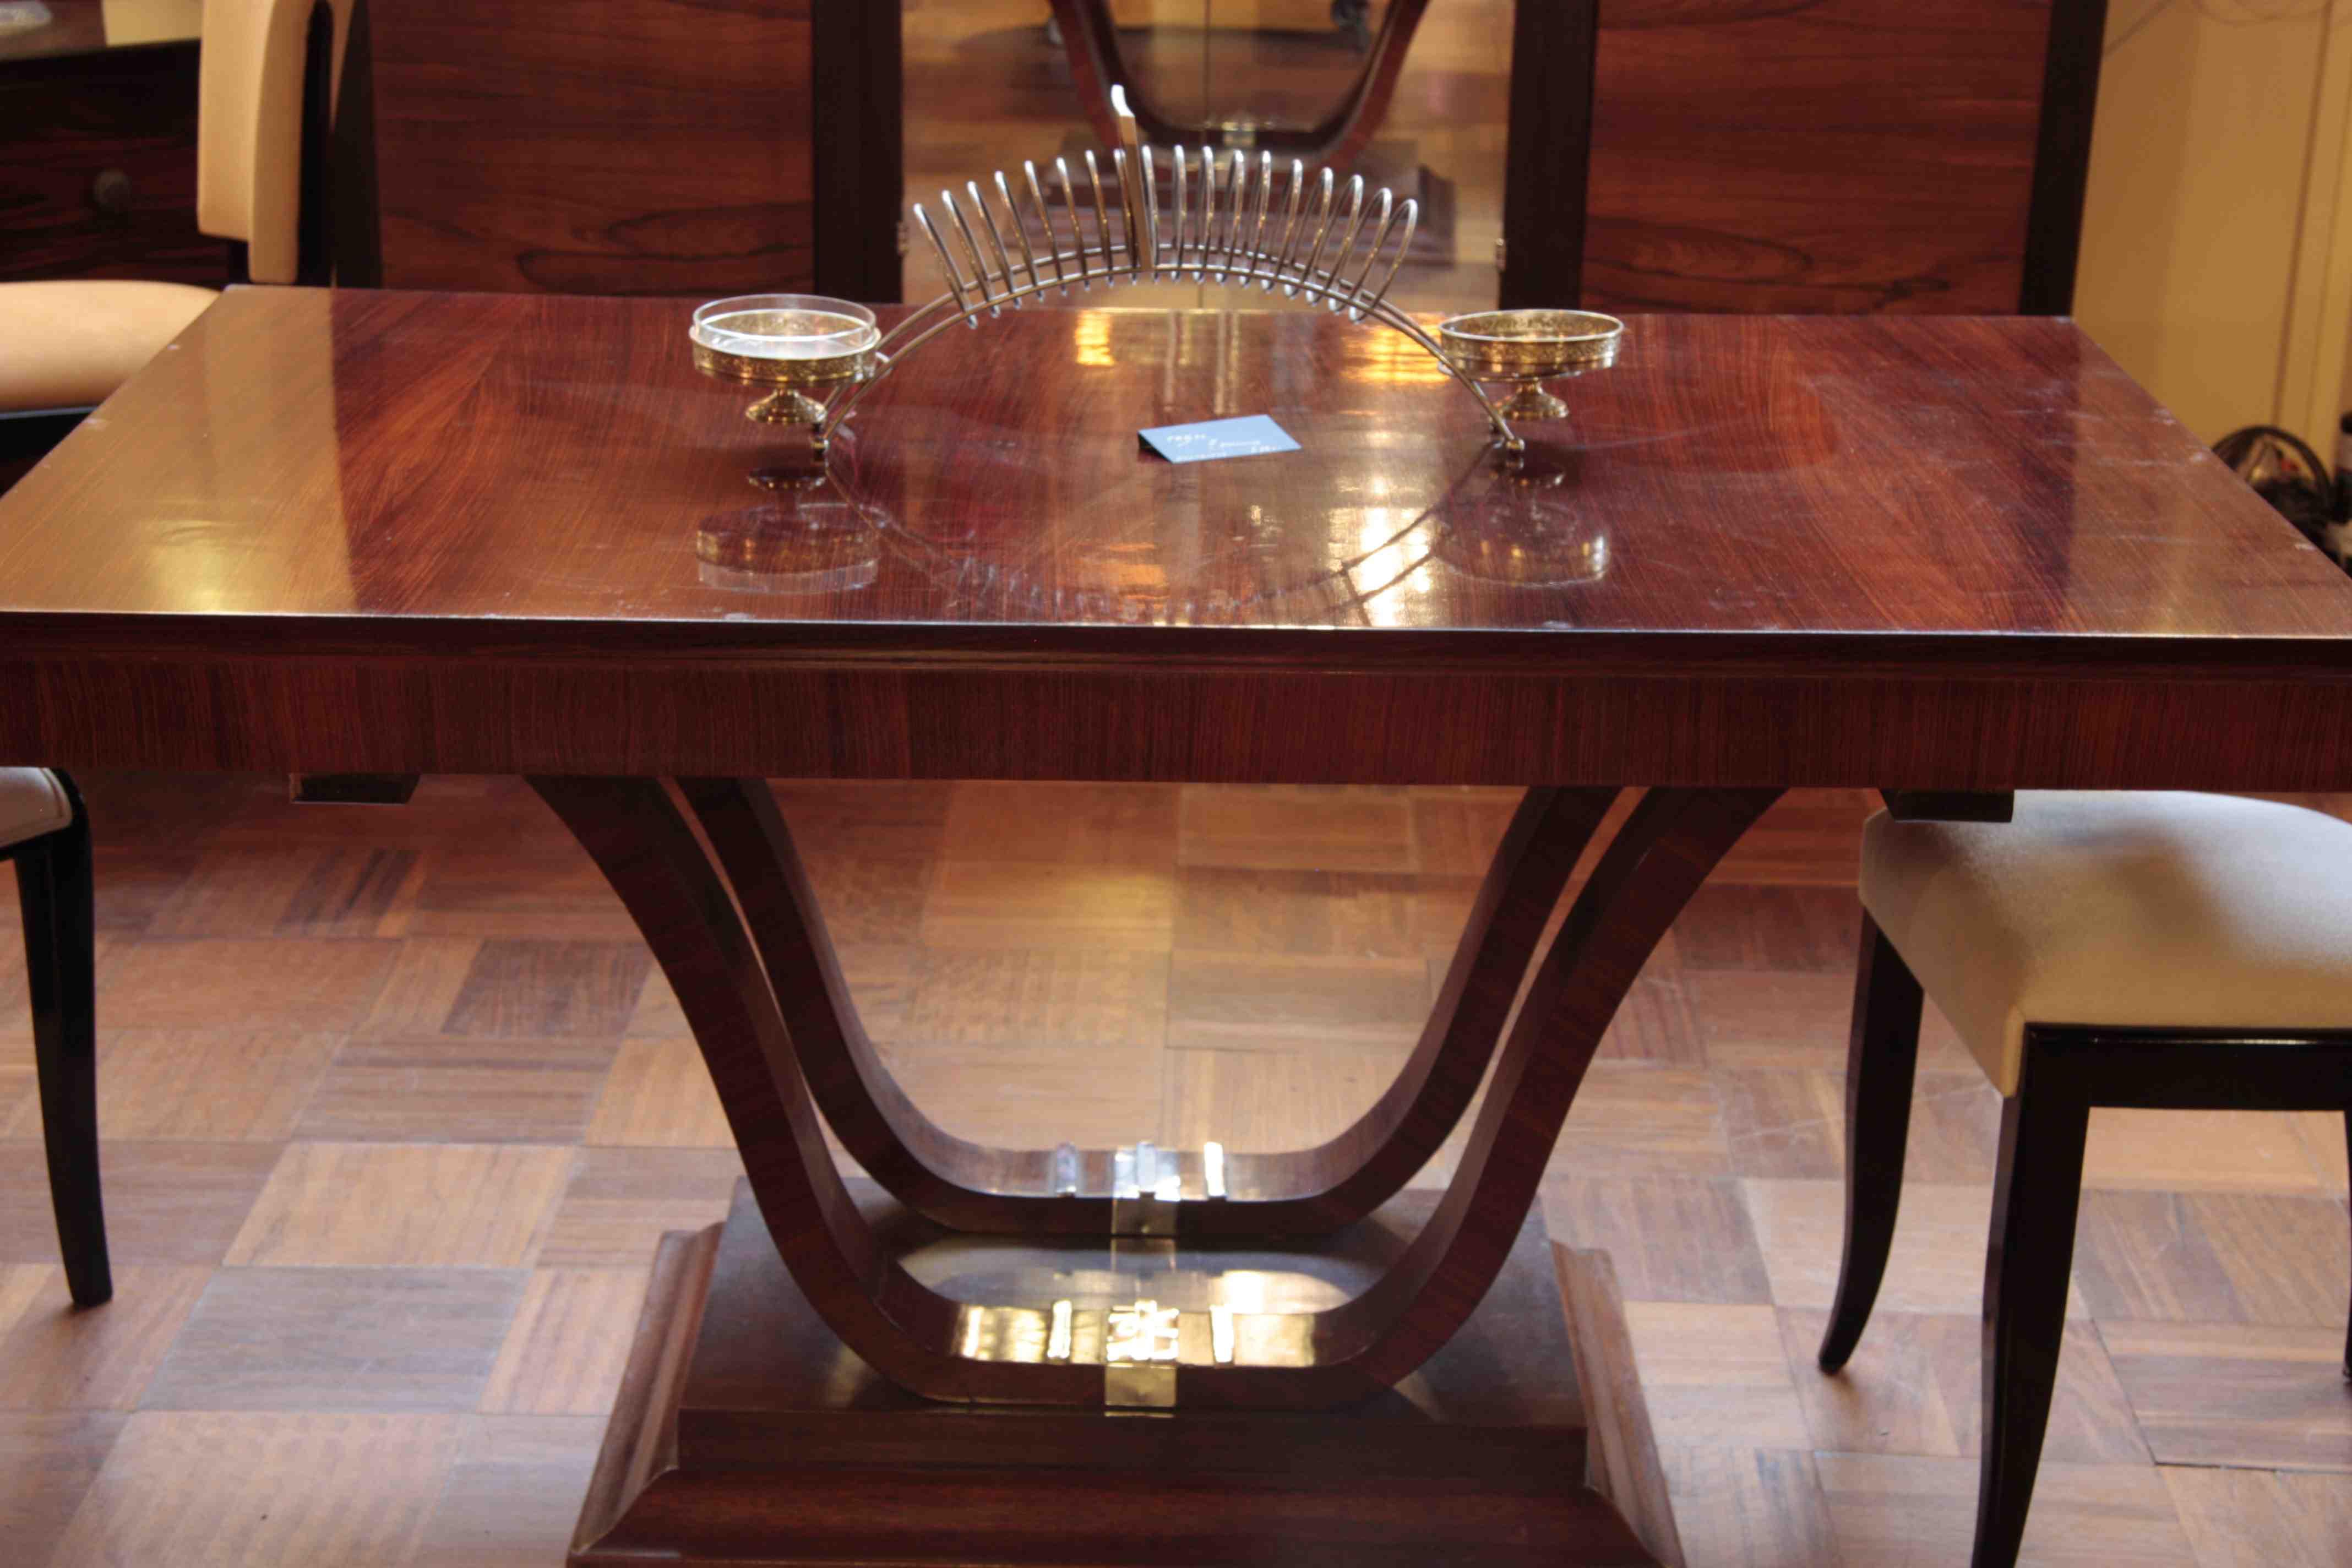 Table rallonges en palissandre des indes ref 7 dinning - Table en palissandre massif ...